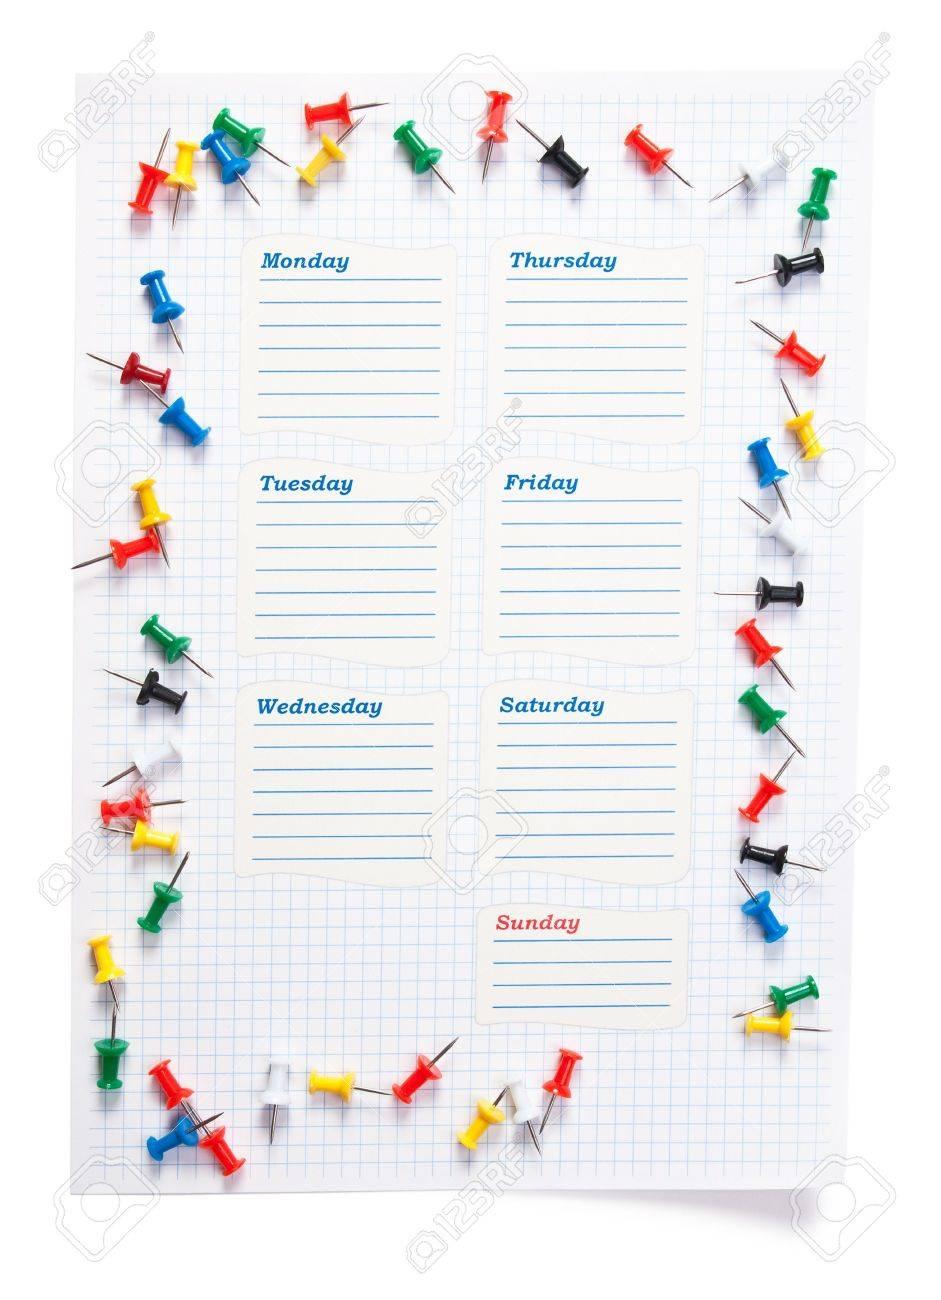 blank school schedule